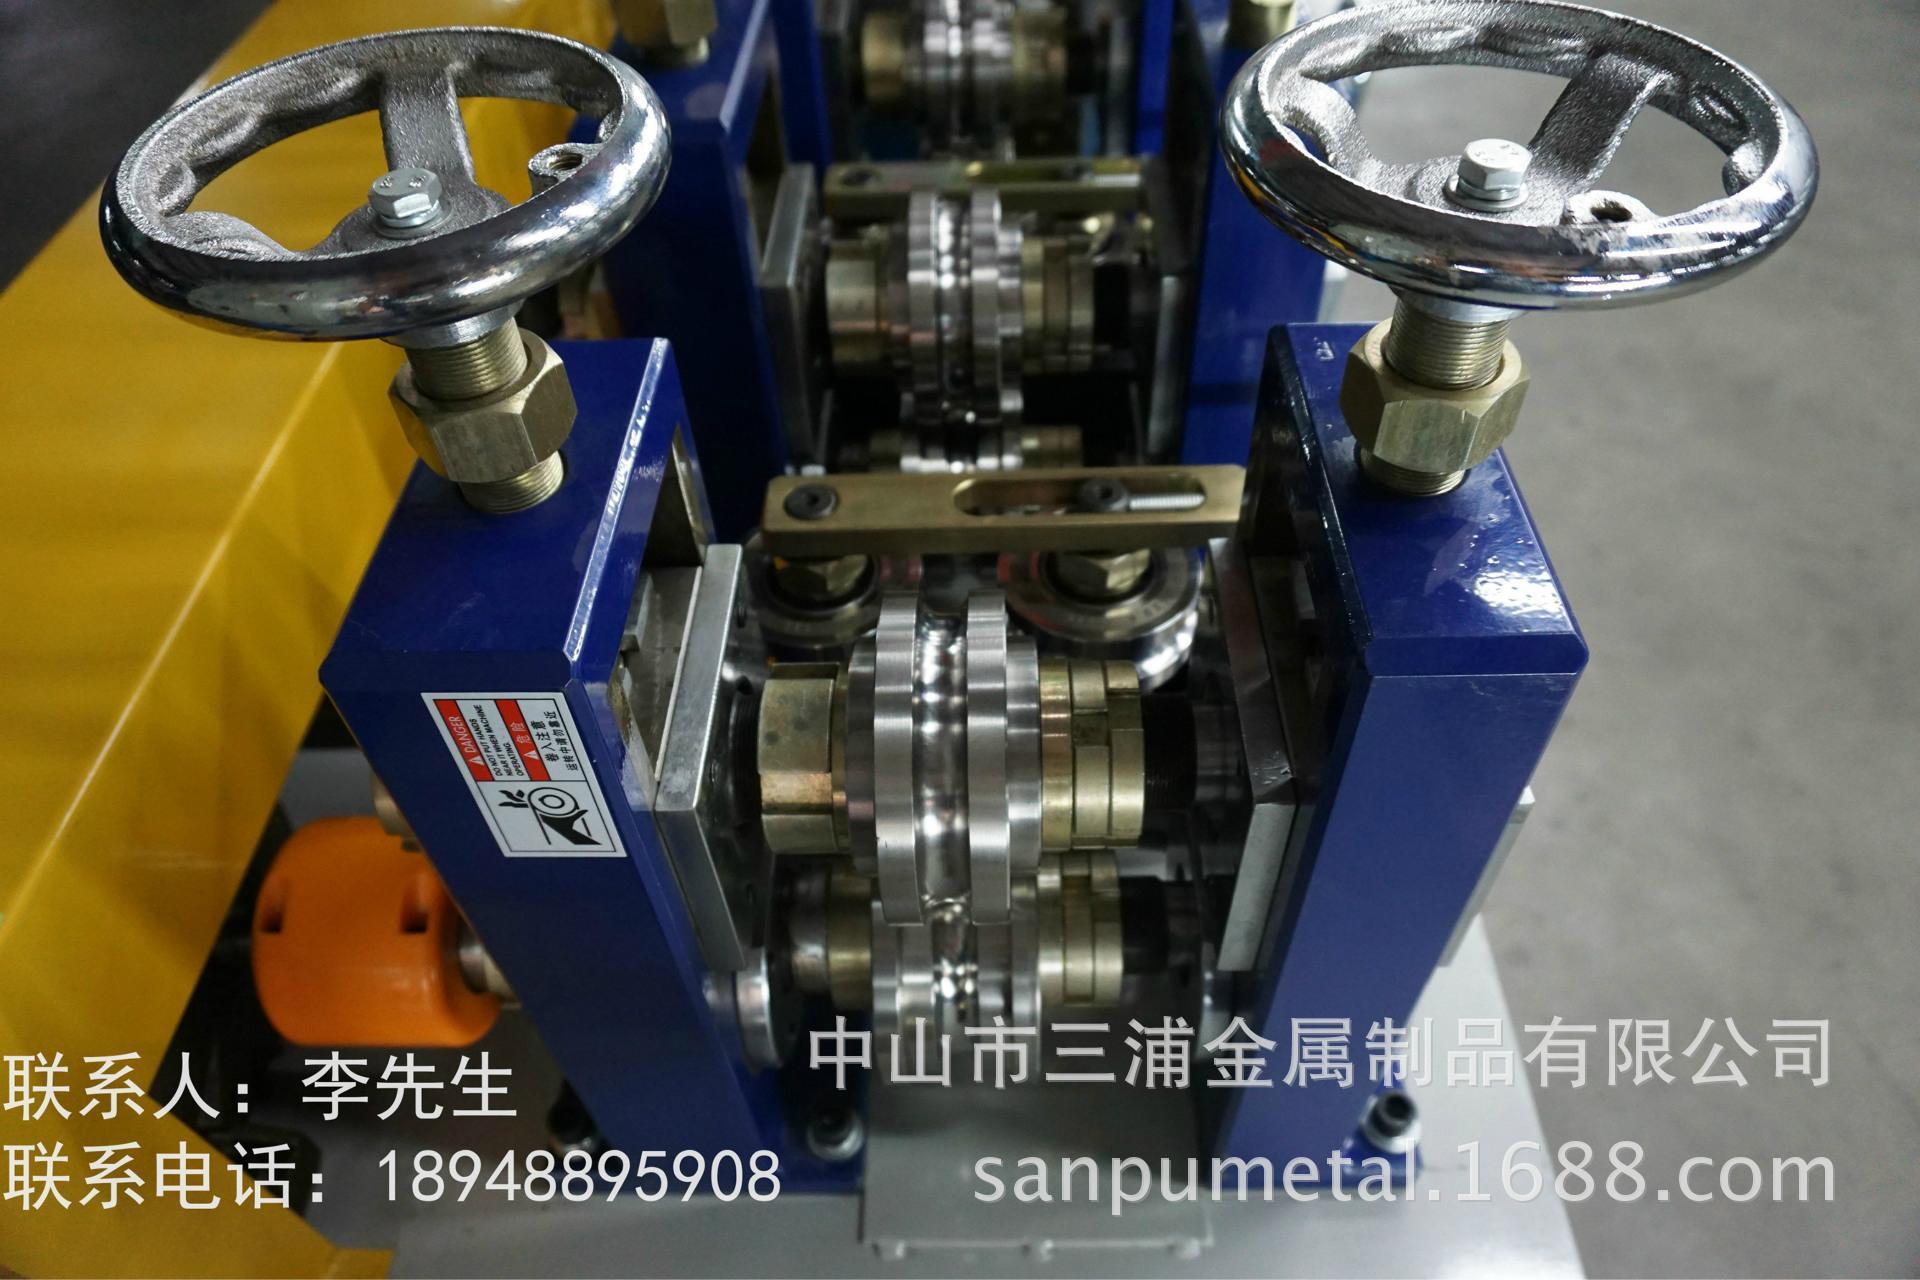 供應精密焊管模具 值得信賴 中山三浦金屬制品公司  5